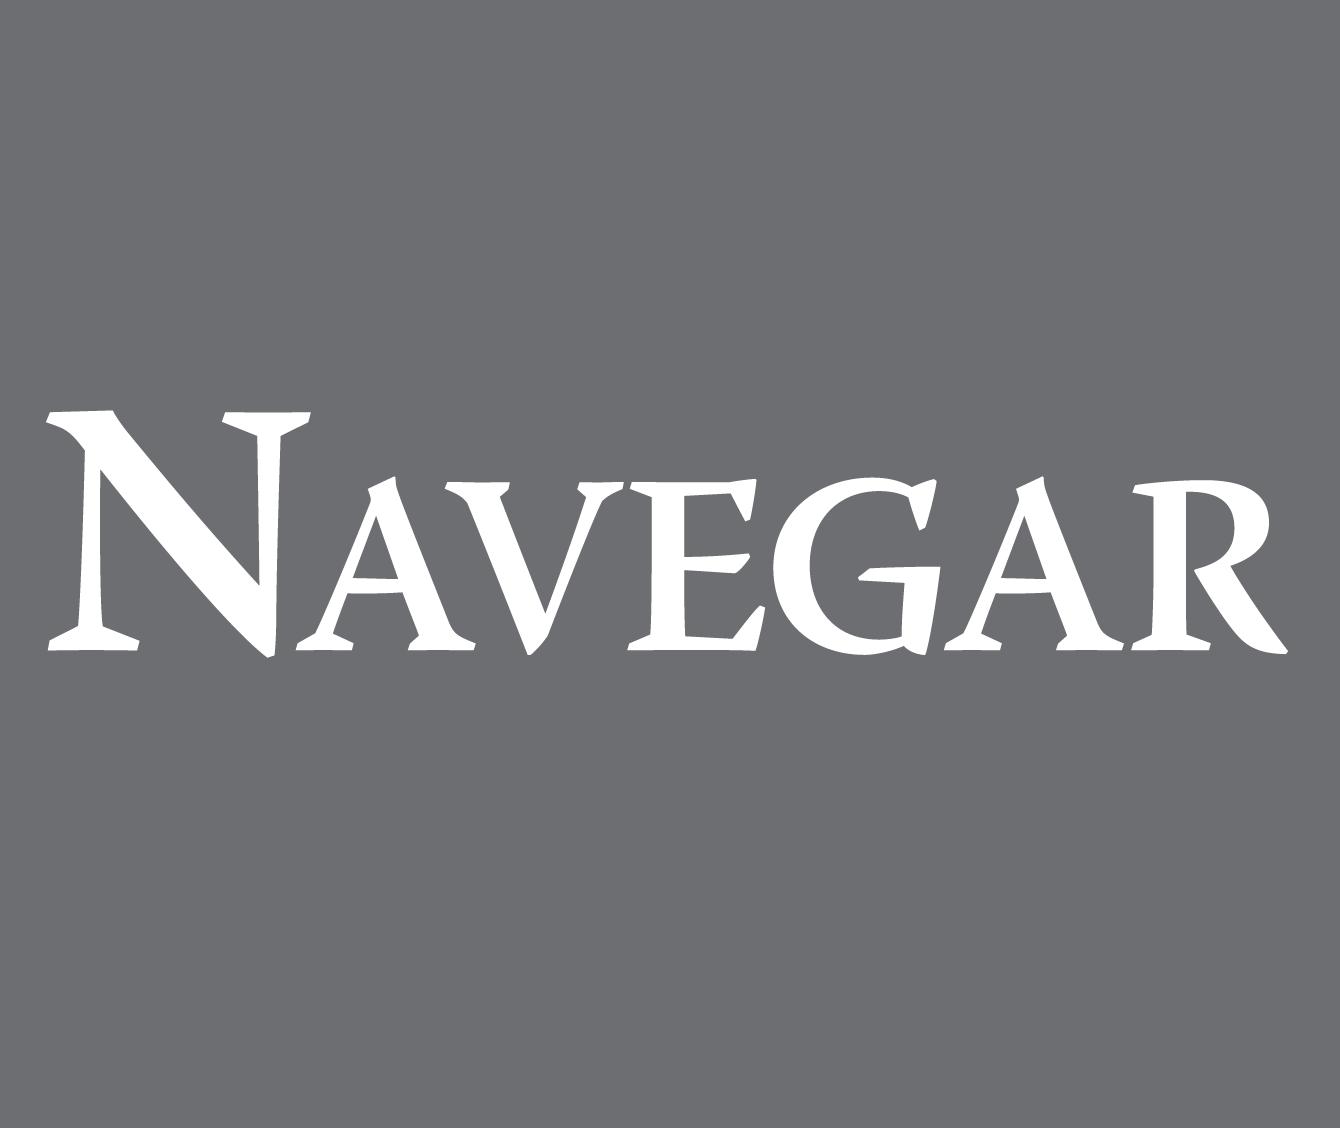 Navegar logo 3